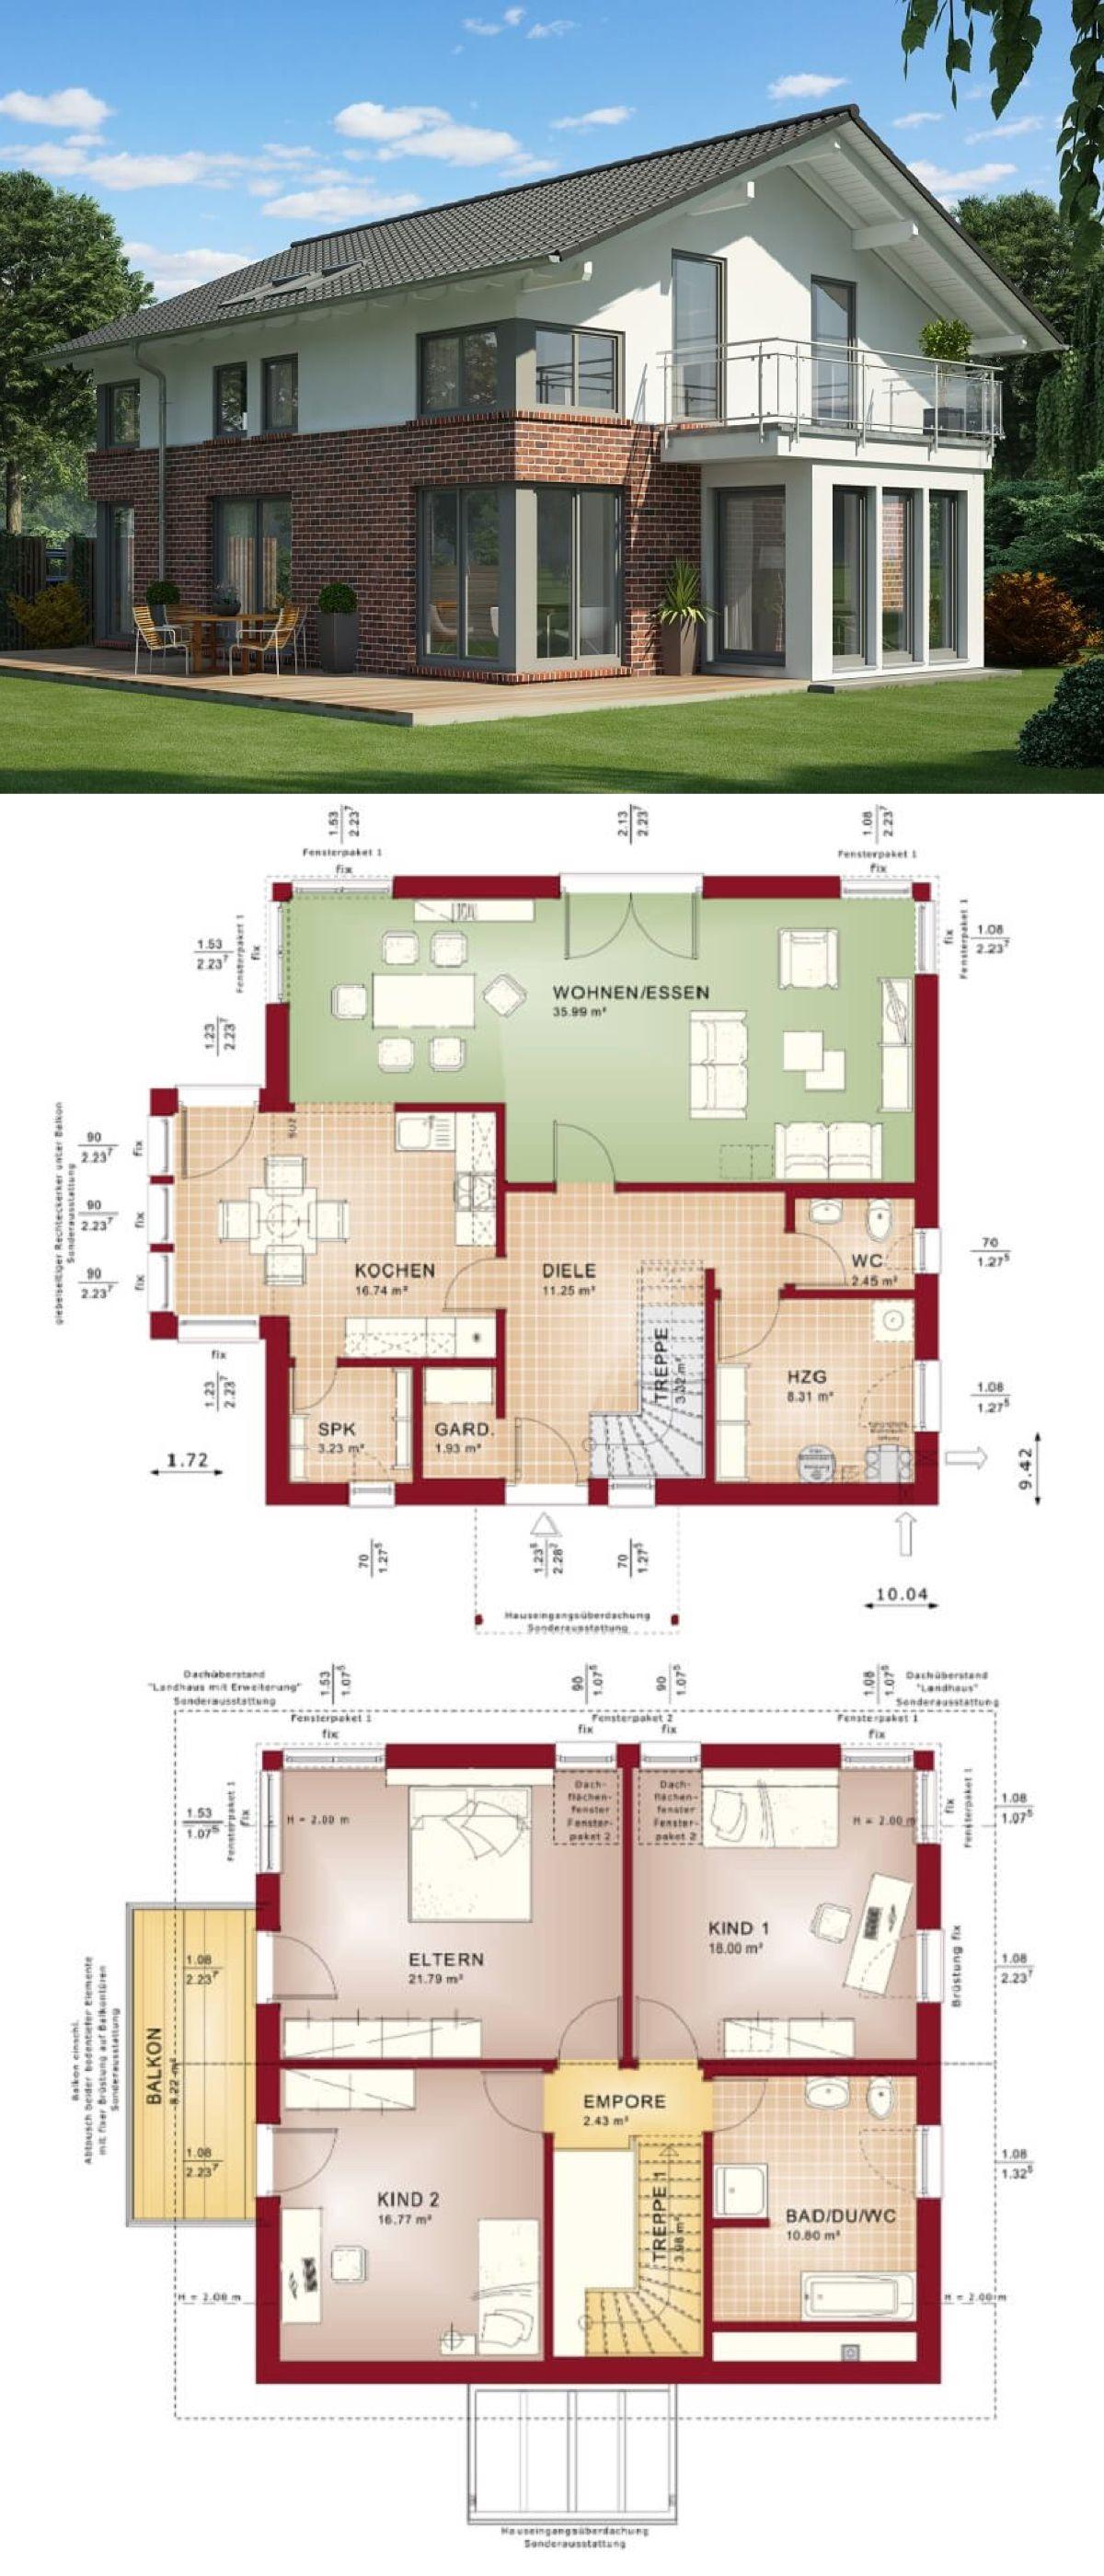 Einfamilienhaus Architektur Modern Mit Klinker Fassade Satteldach